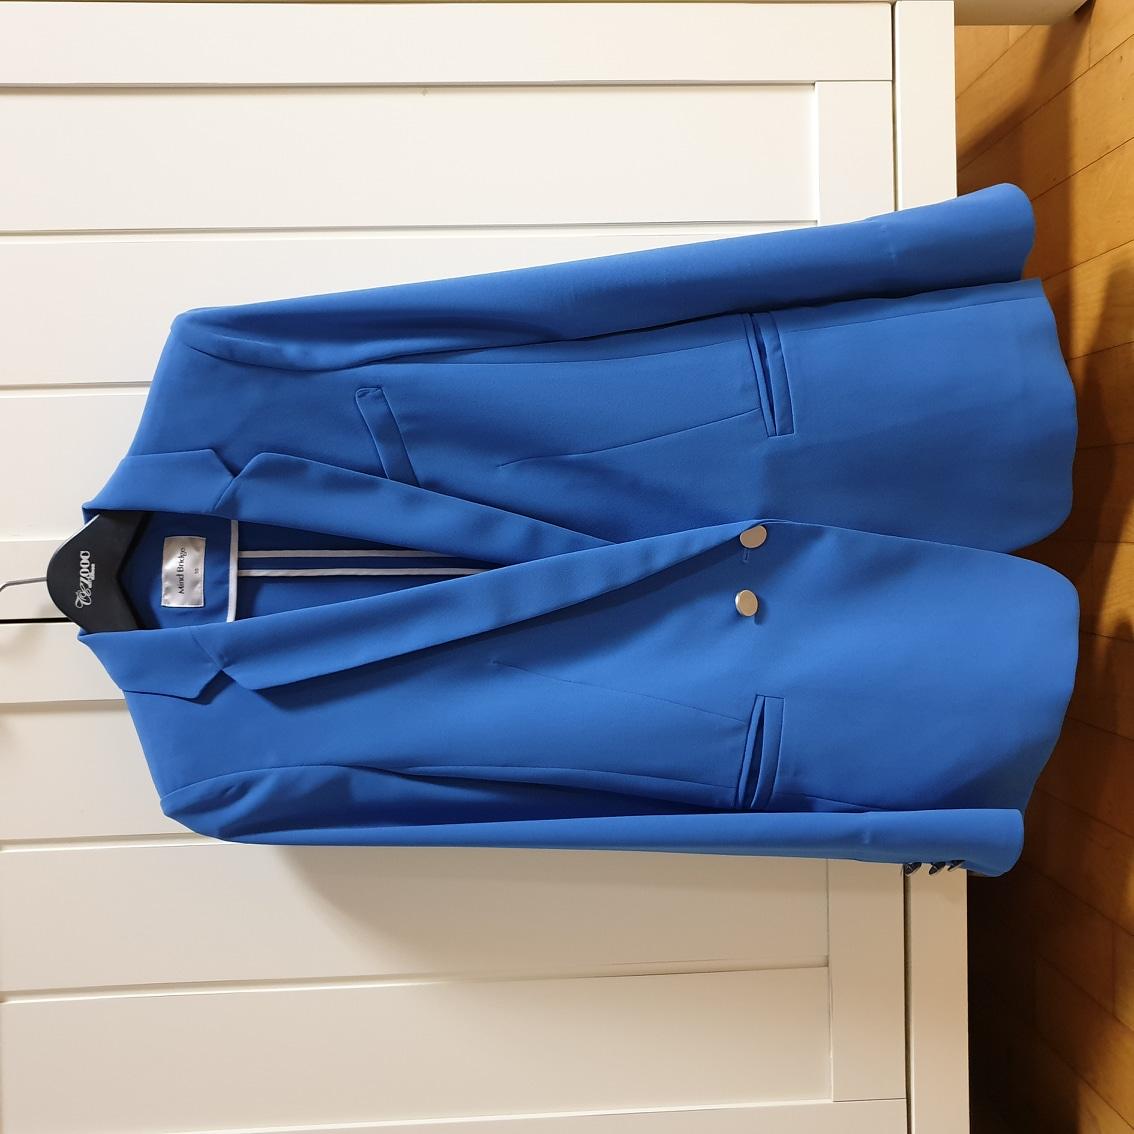 봄/여름 용 블루재킷(55사이즈)